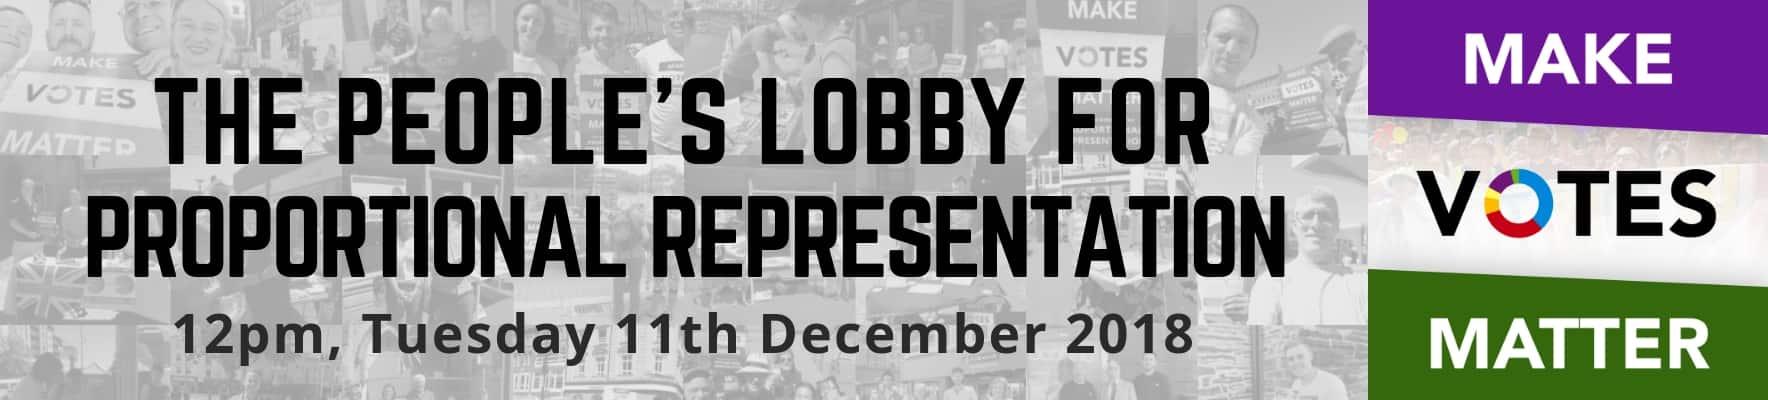 Peoples lobby banner.jpg